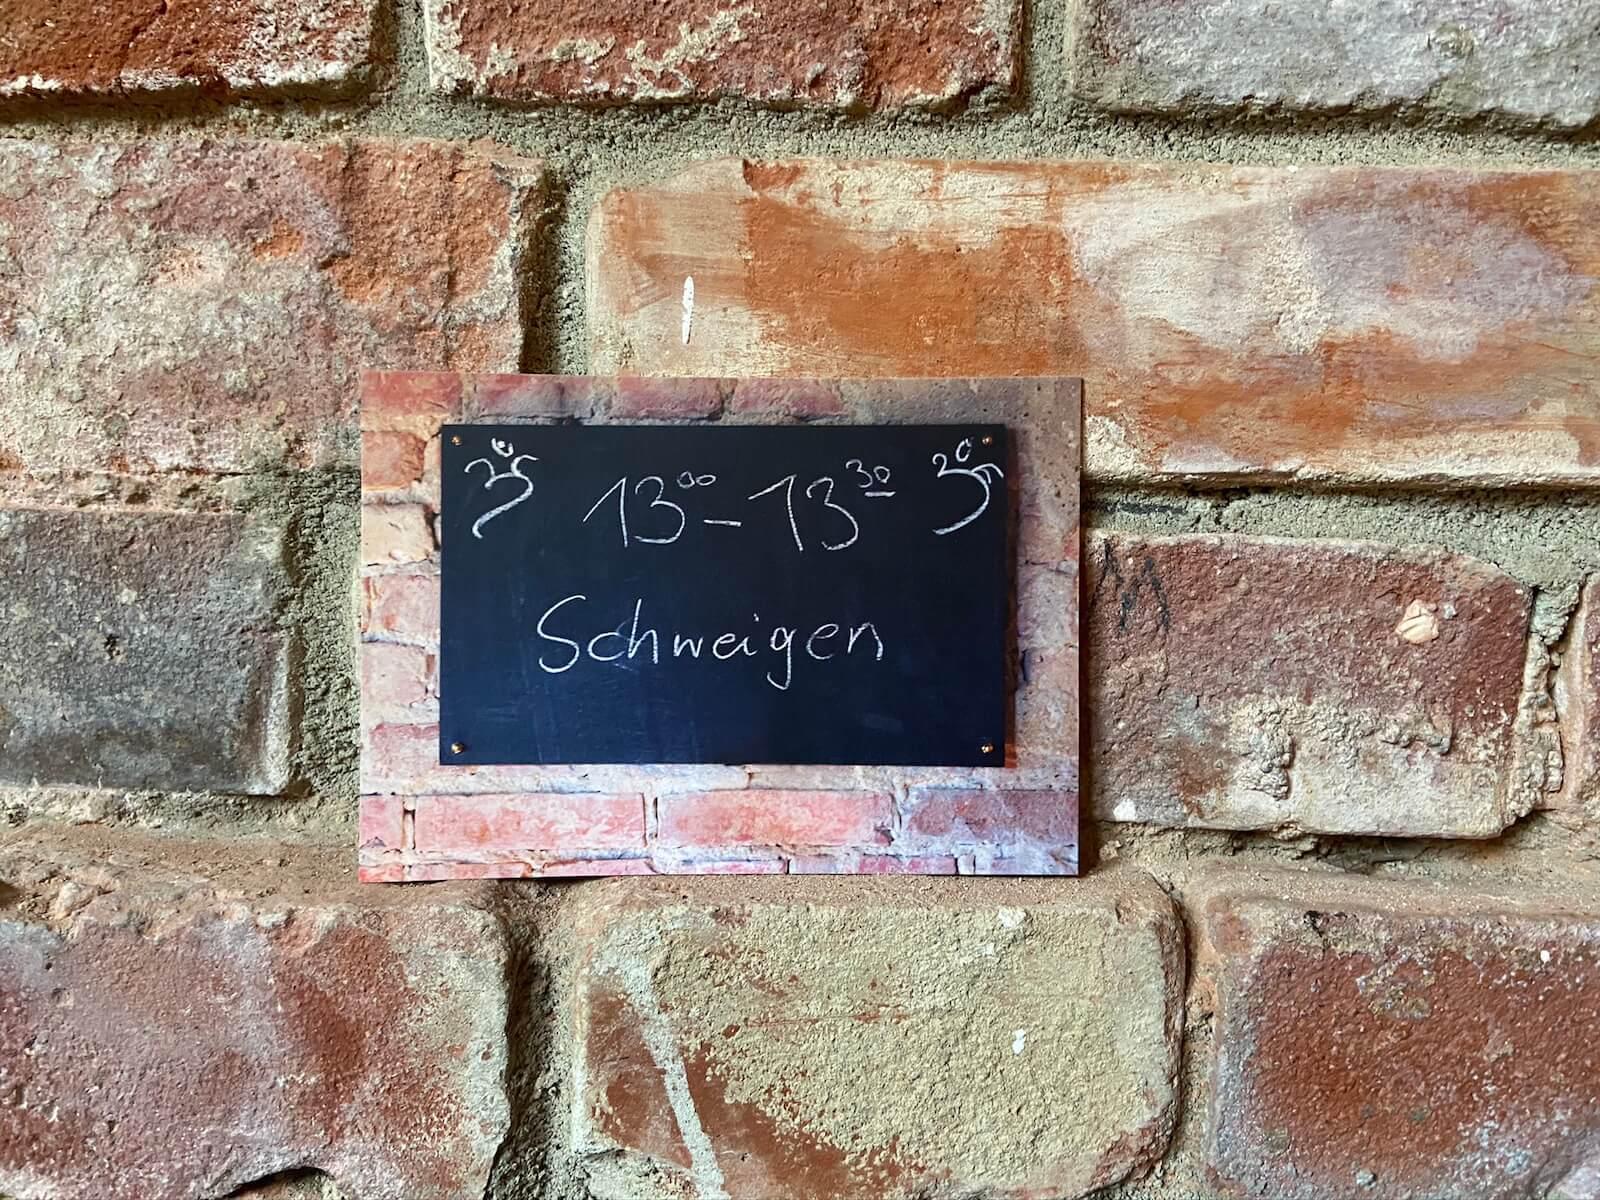 schweige retreat mecklenburg-vorpommern